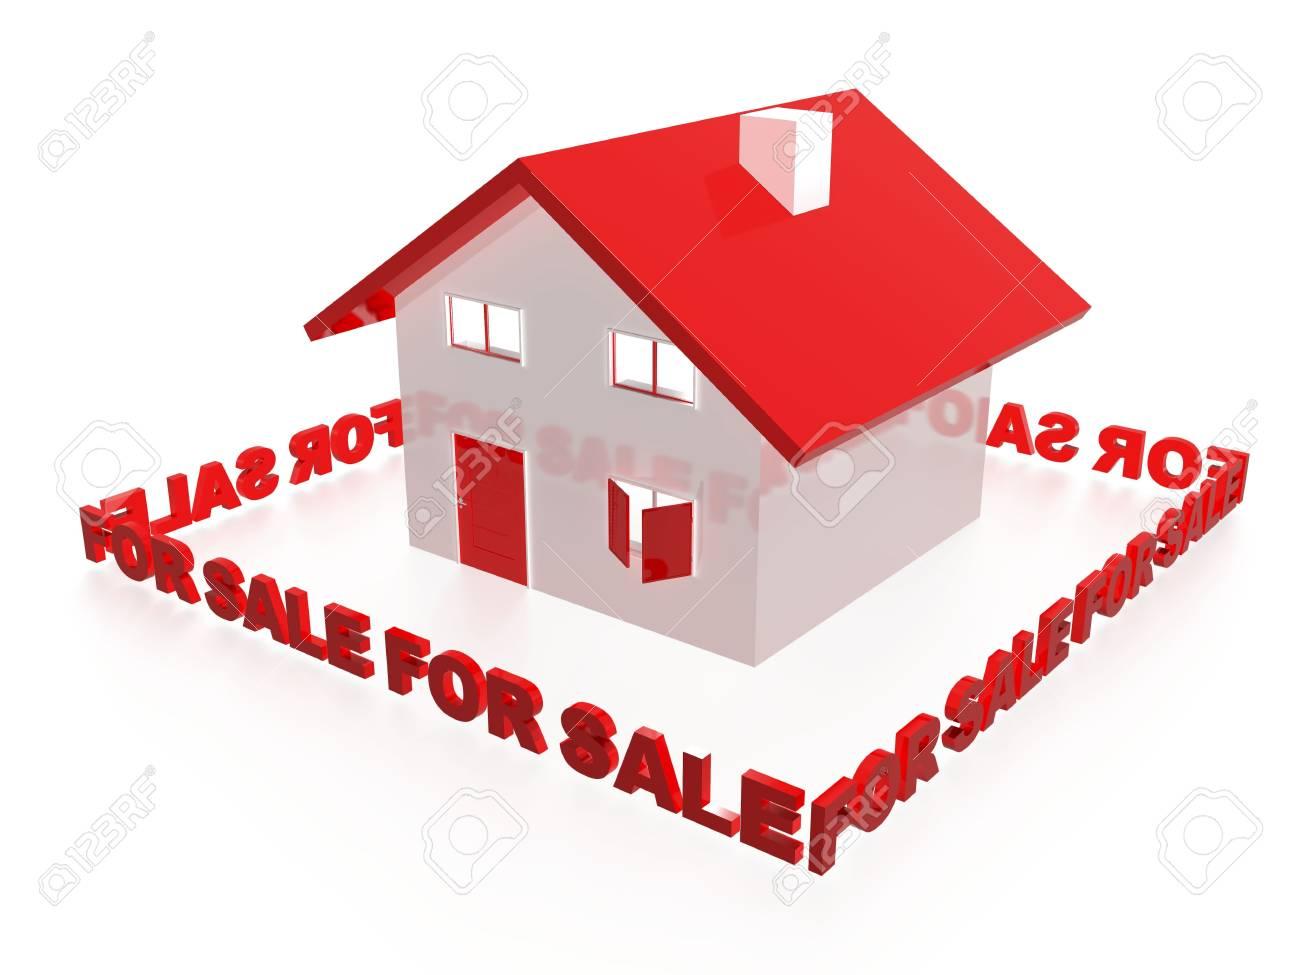 فروش طبقه سوم از آپارتمان 3 طبقه 12 واحده در شهرک حافظ